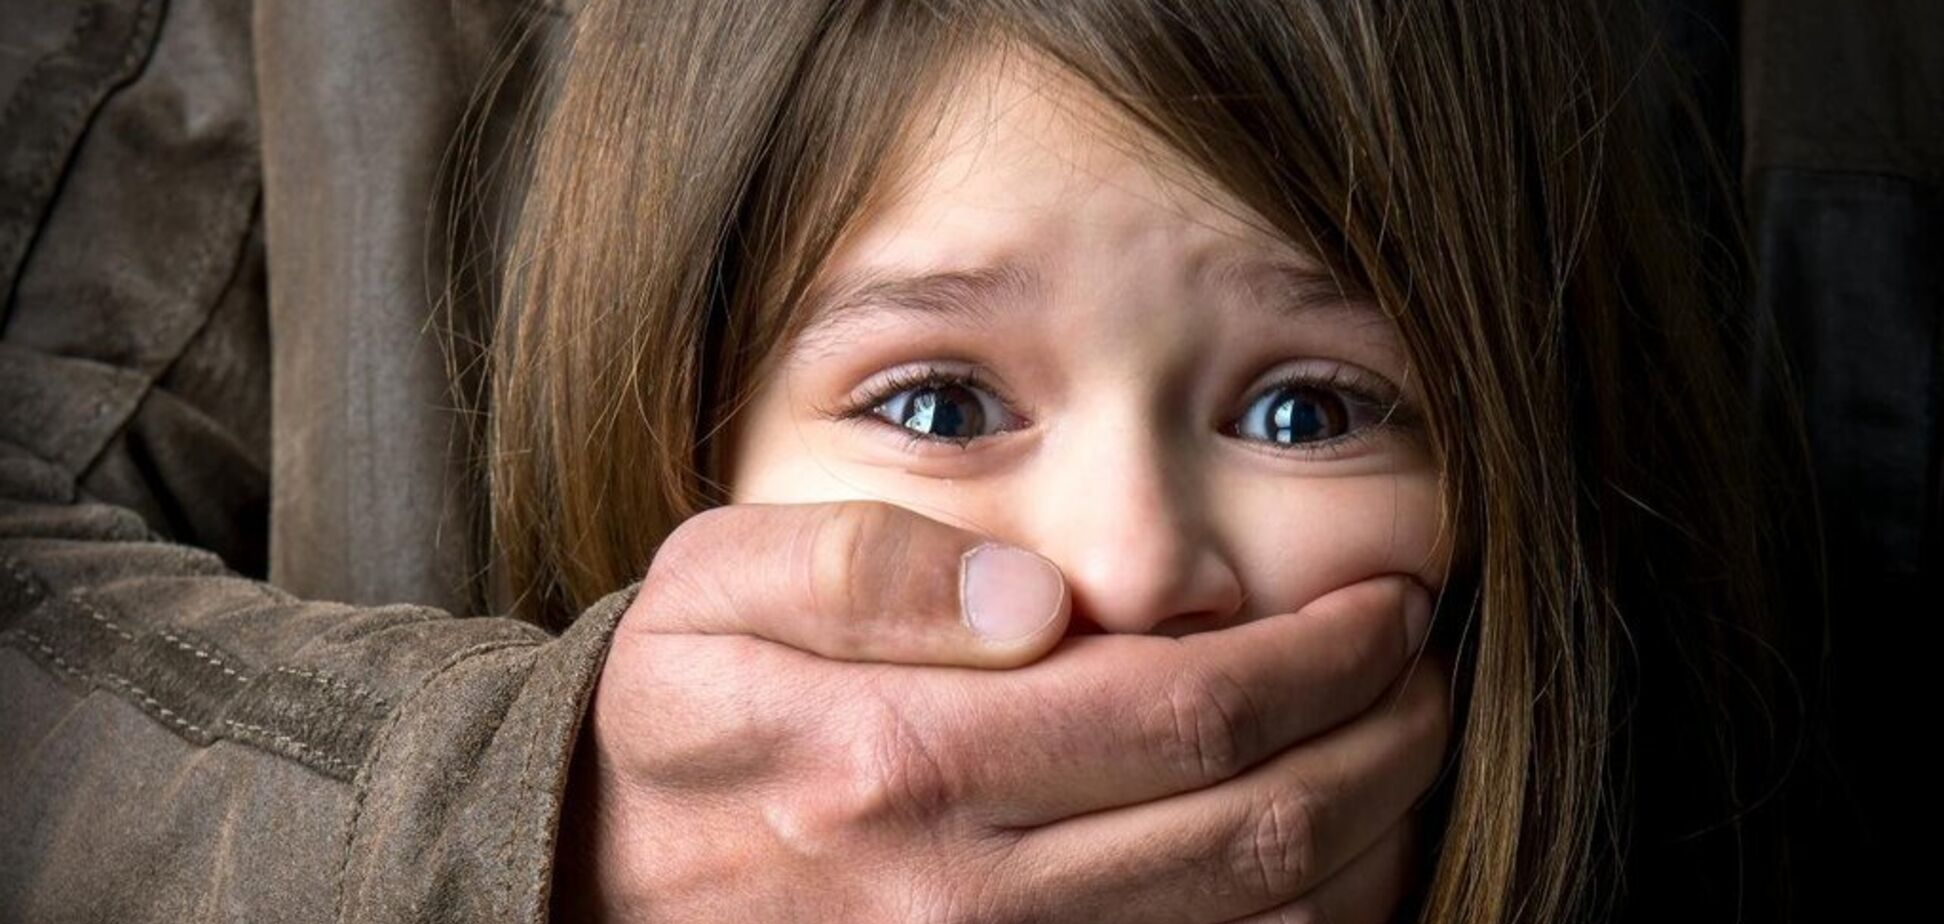 Розбещував дівчинку: на Дніпропетровщині впіймали педофіла